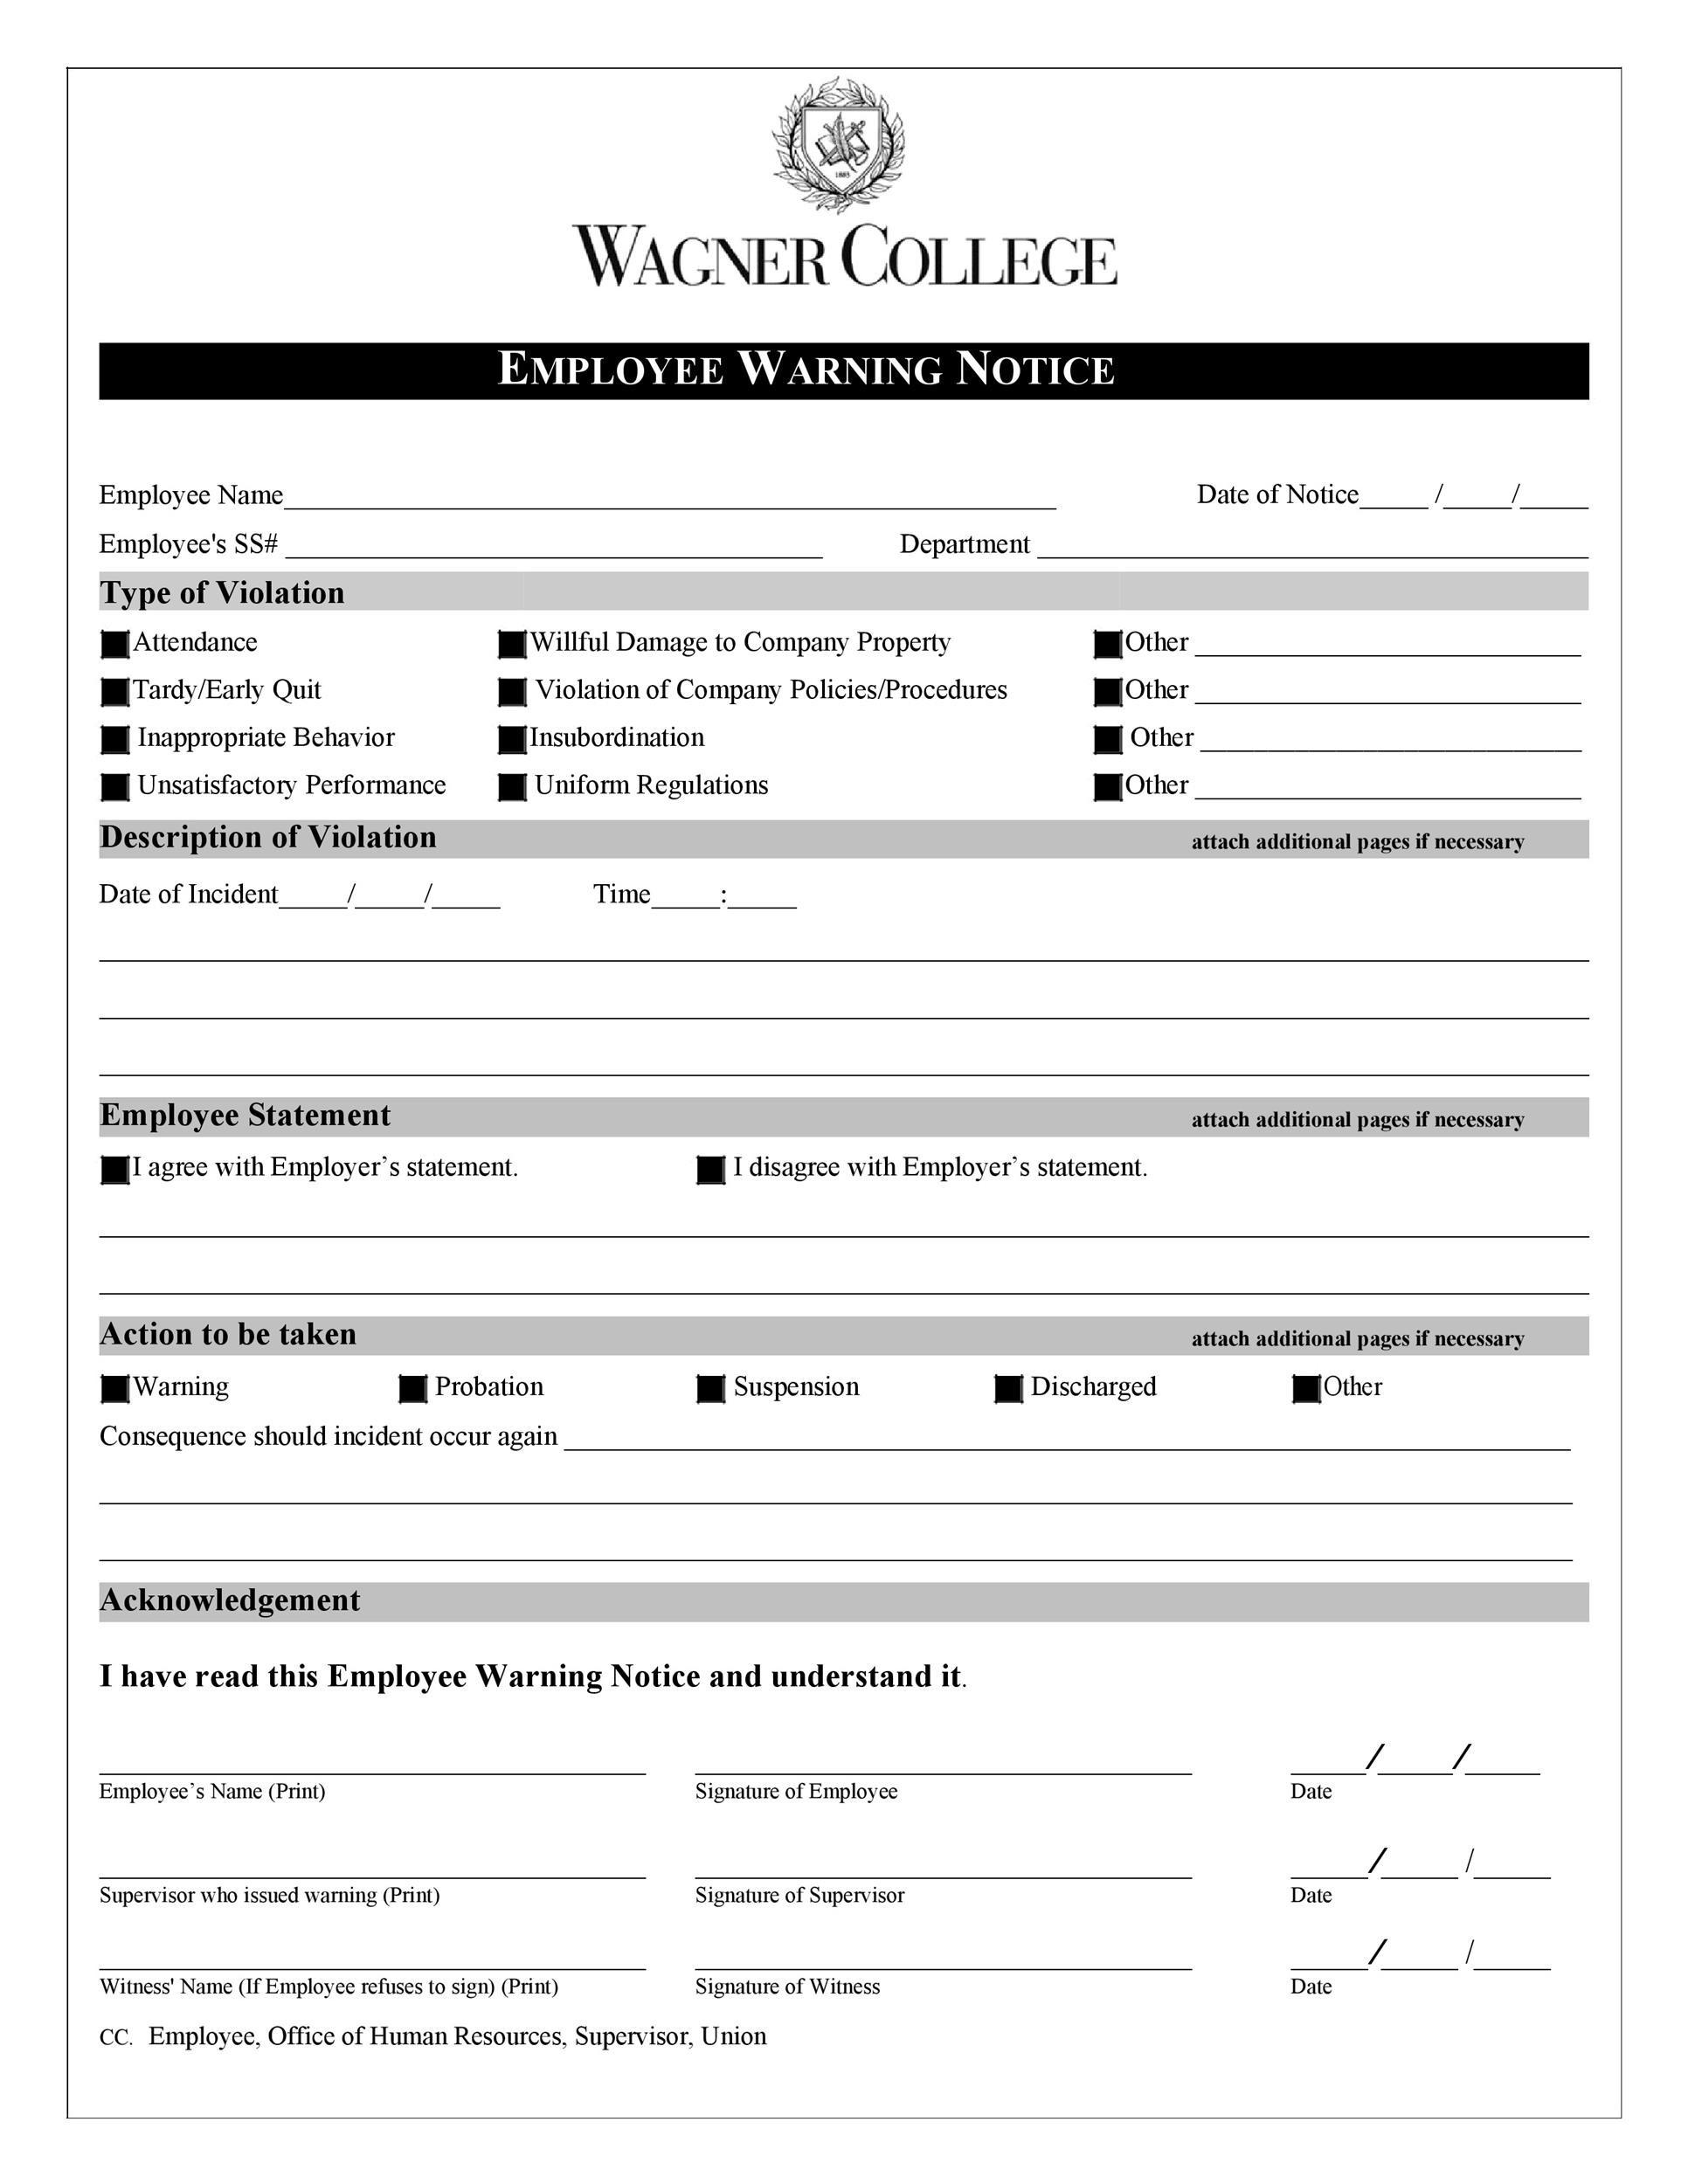 Free employee warning notice 19